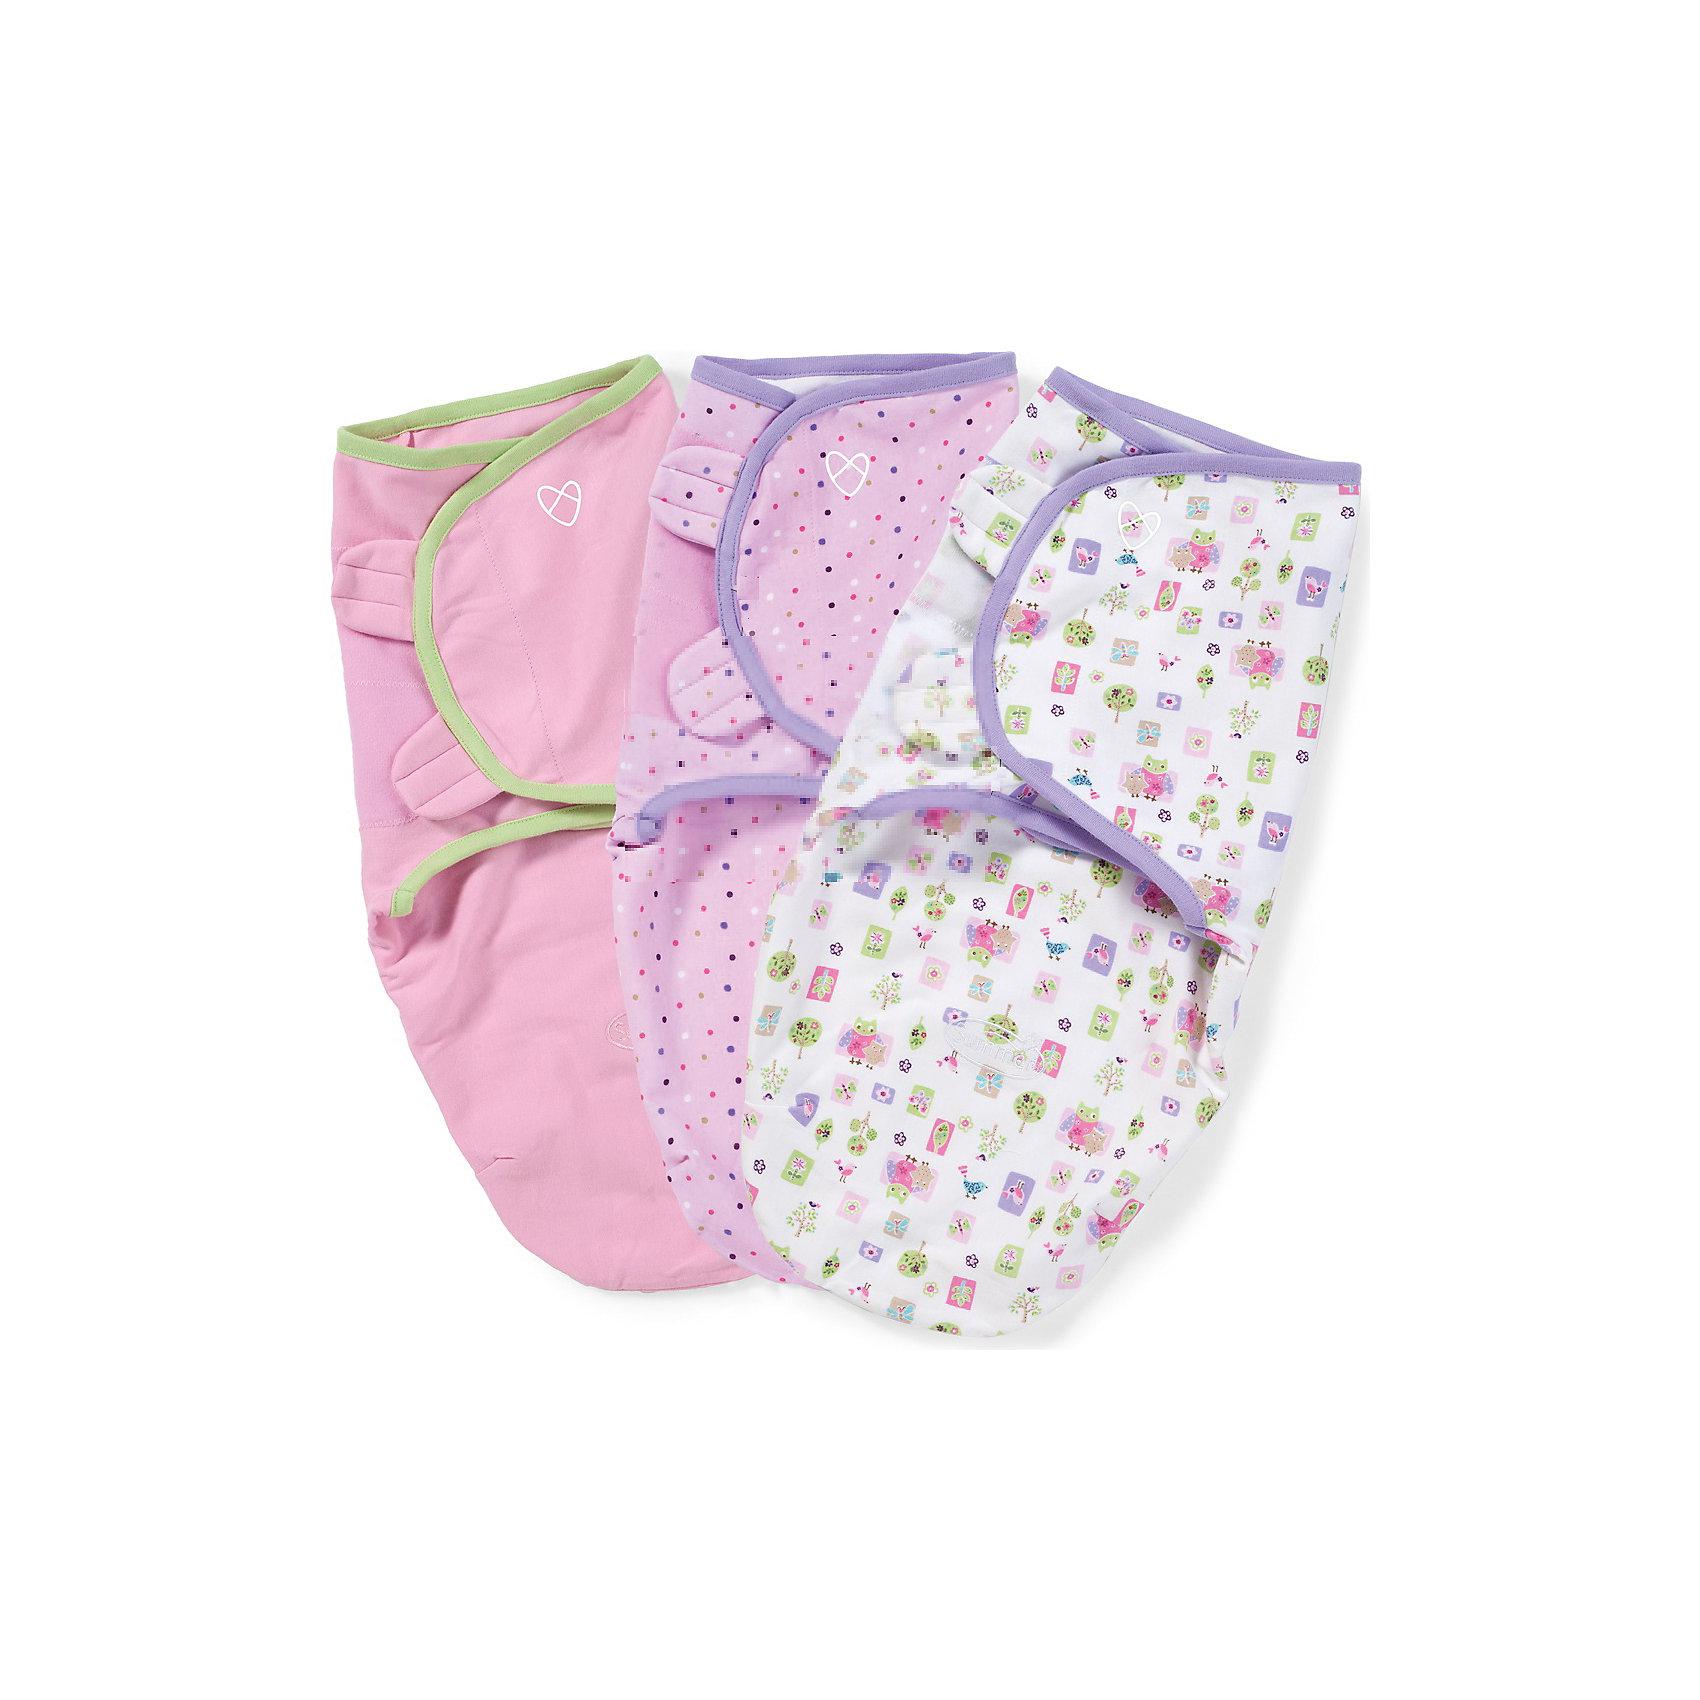 Summer Infant Конверт на липучке SwaddleMe, размер S/M, (3шт), Summer Infant, розовый с совами summer infant 54000 конверт swaddleme для пеленания на липучке размер s m 3 шт нейтральная пчелки